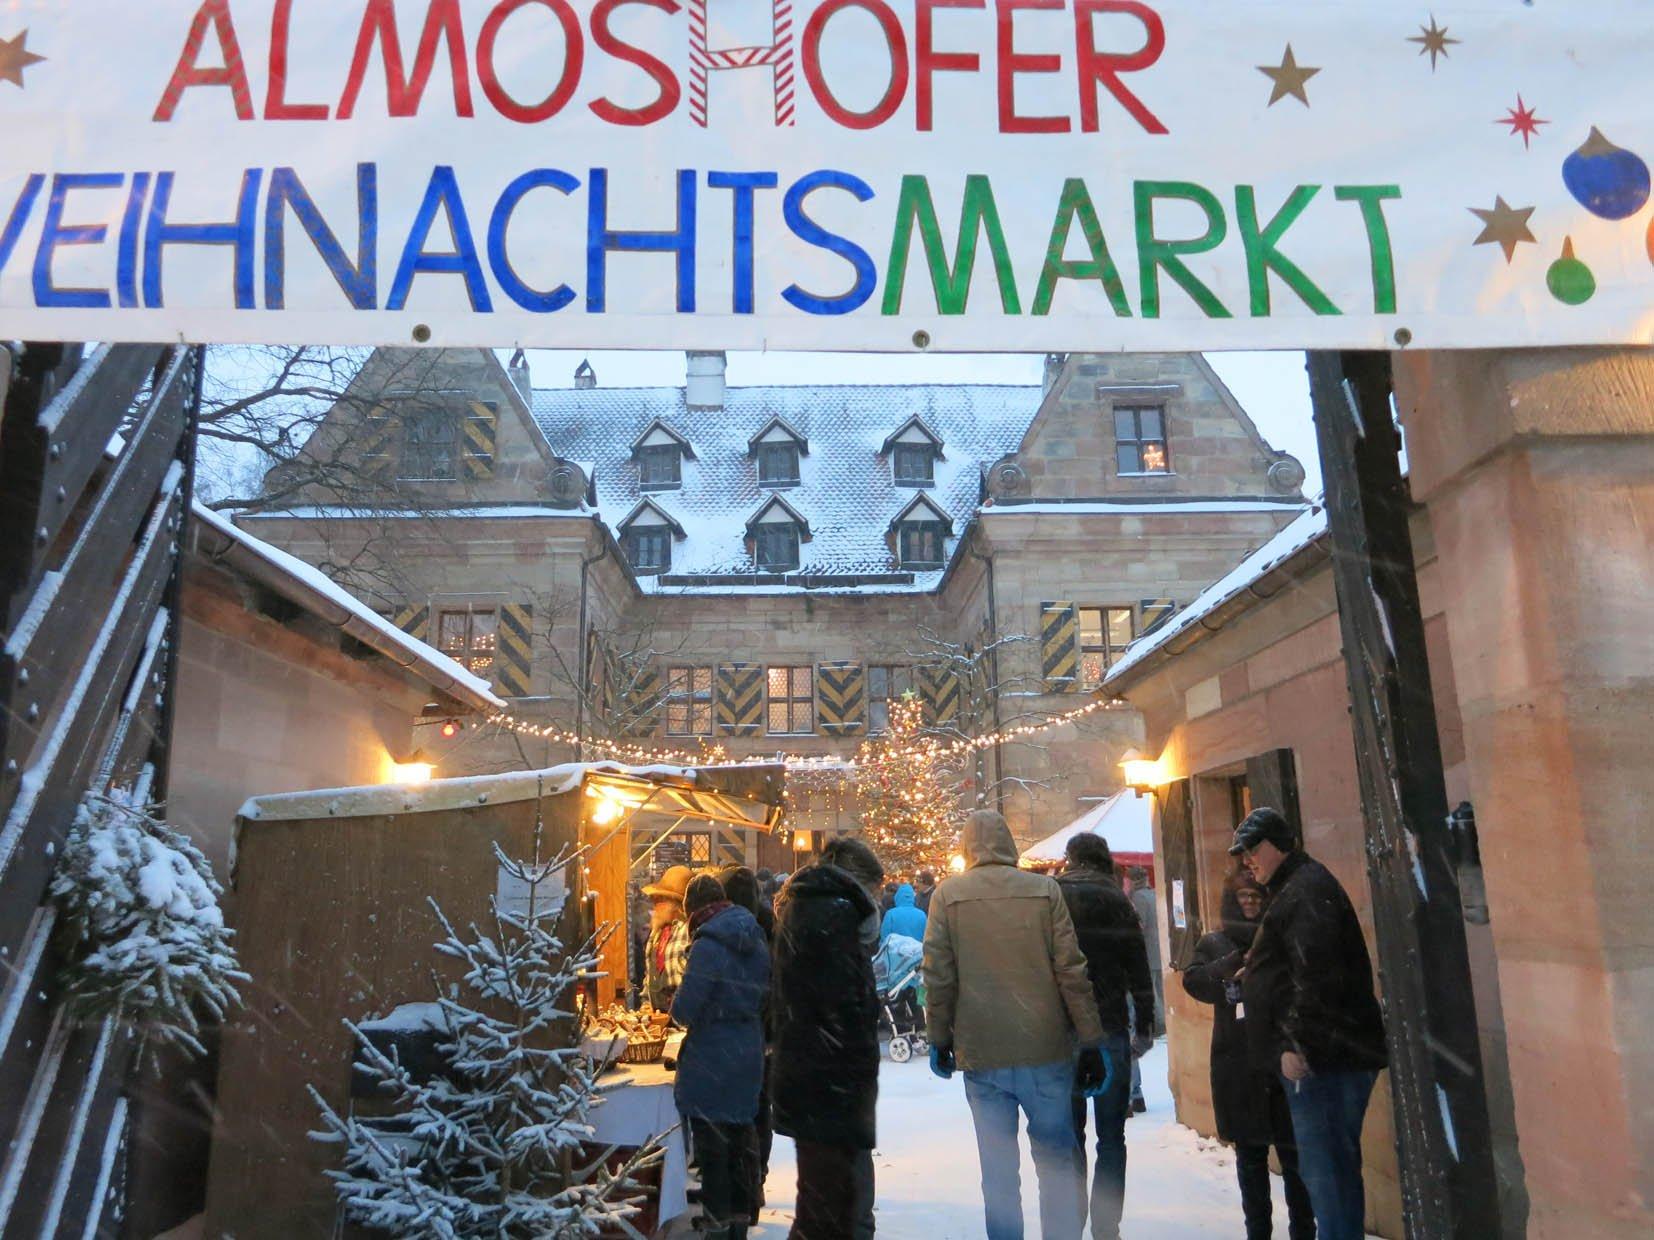 Stimmungsvoller Weihnachtsmarkt - © Barbara Koch